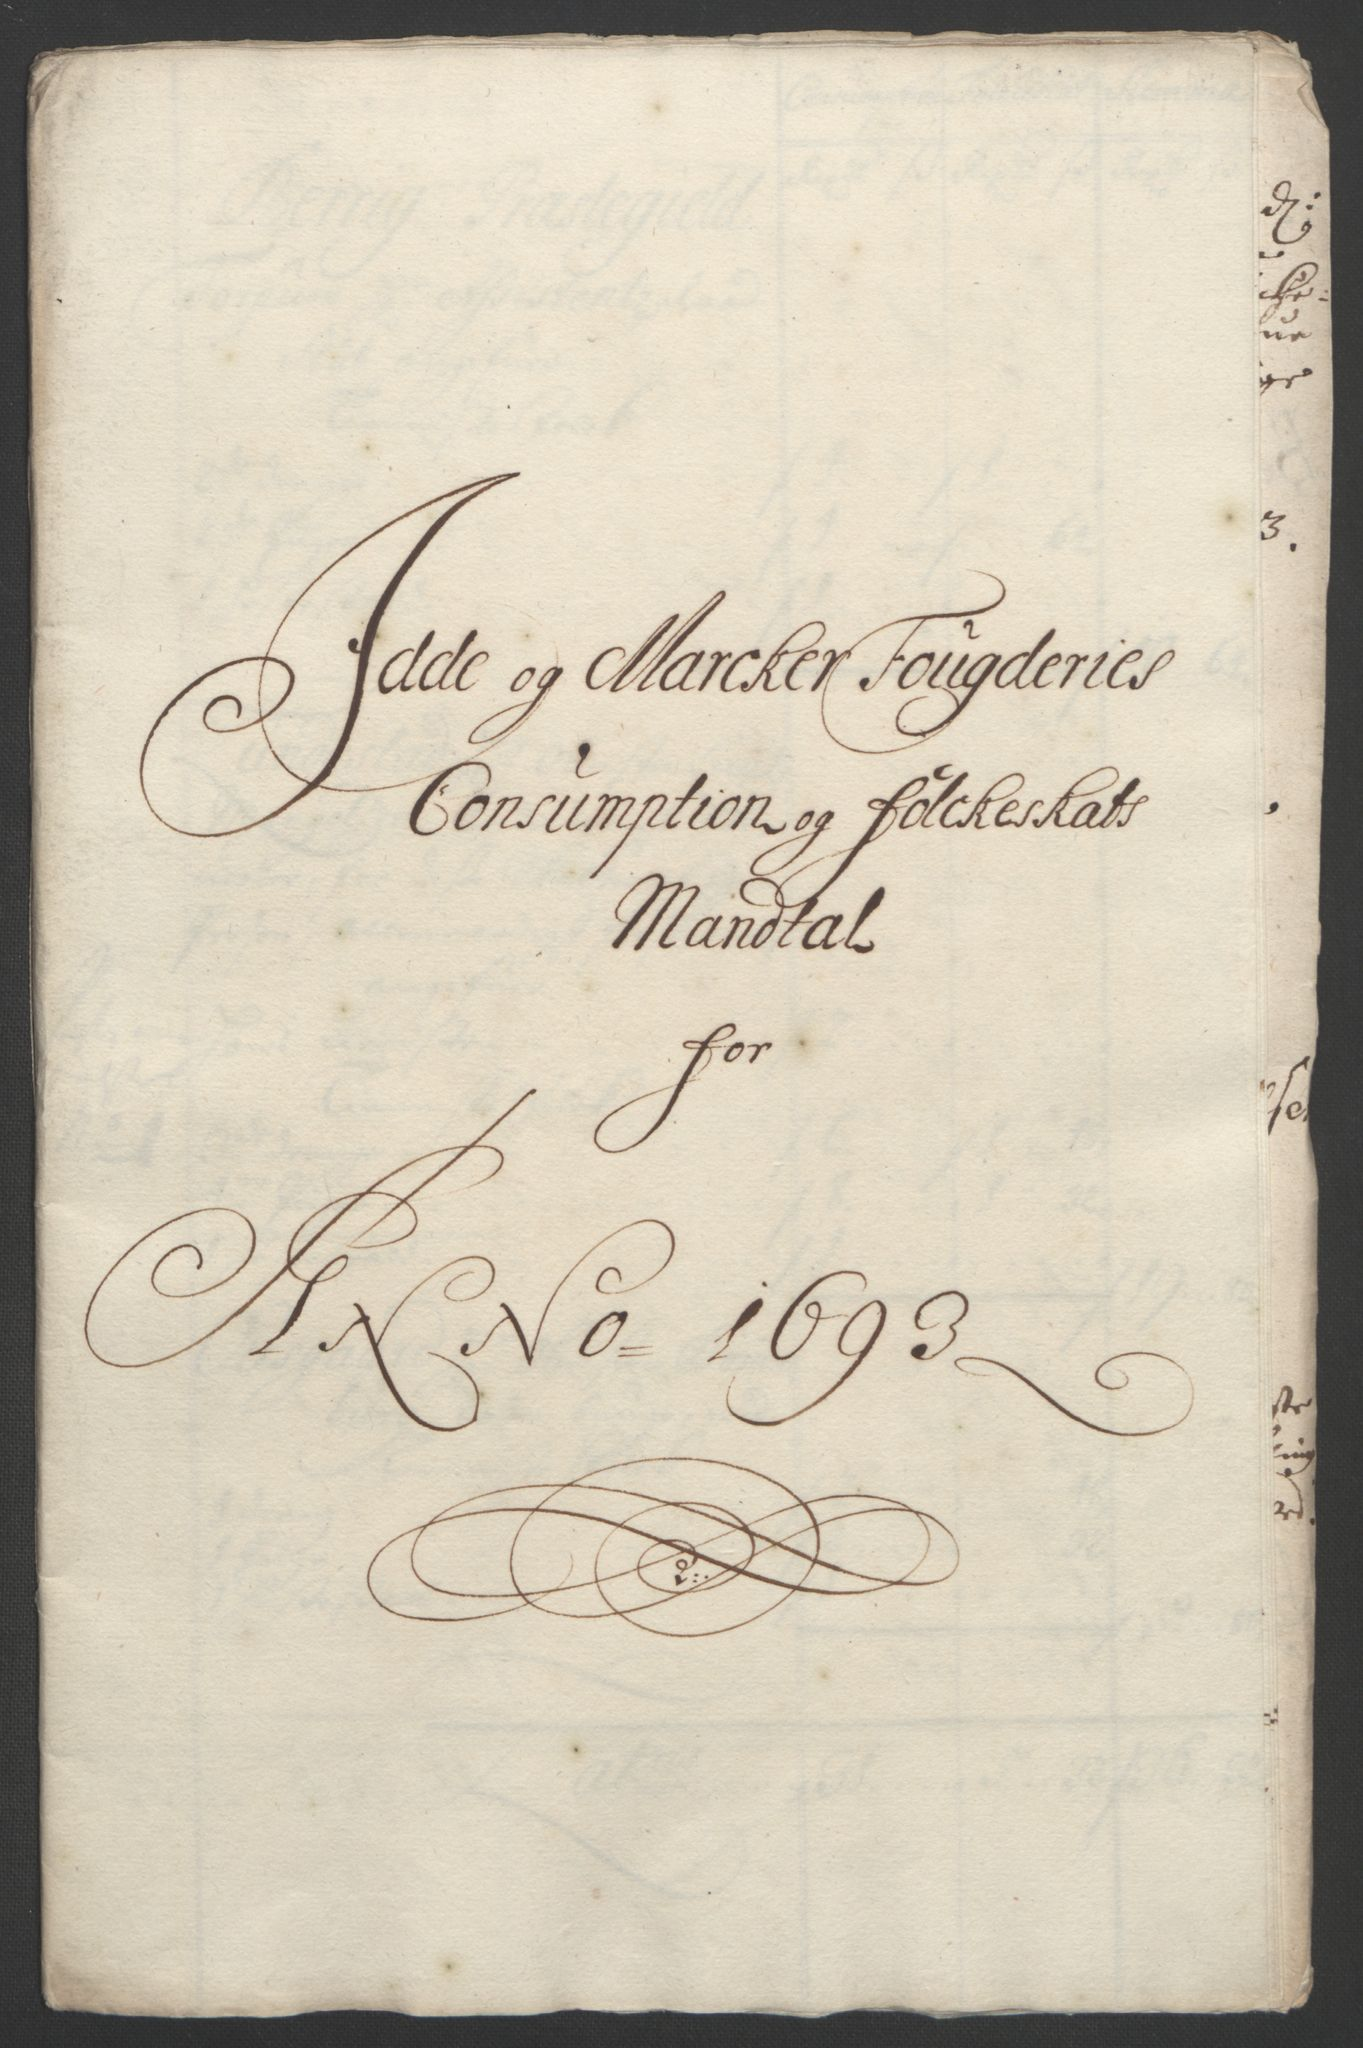 RA, Rentekammeret inntil 1814, Reviderte regnskaper, Fogderegnskap, R01/L0011: Fogderegnskap Idd og Marker, 1692-1693, s. 295